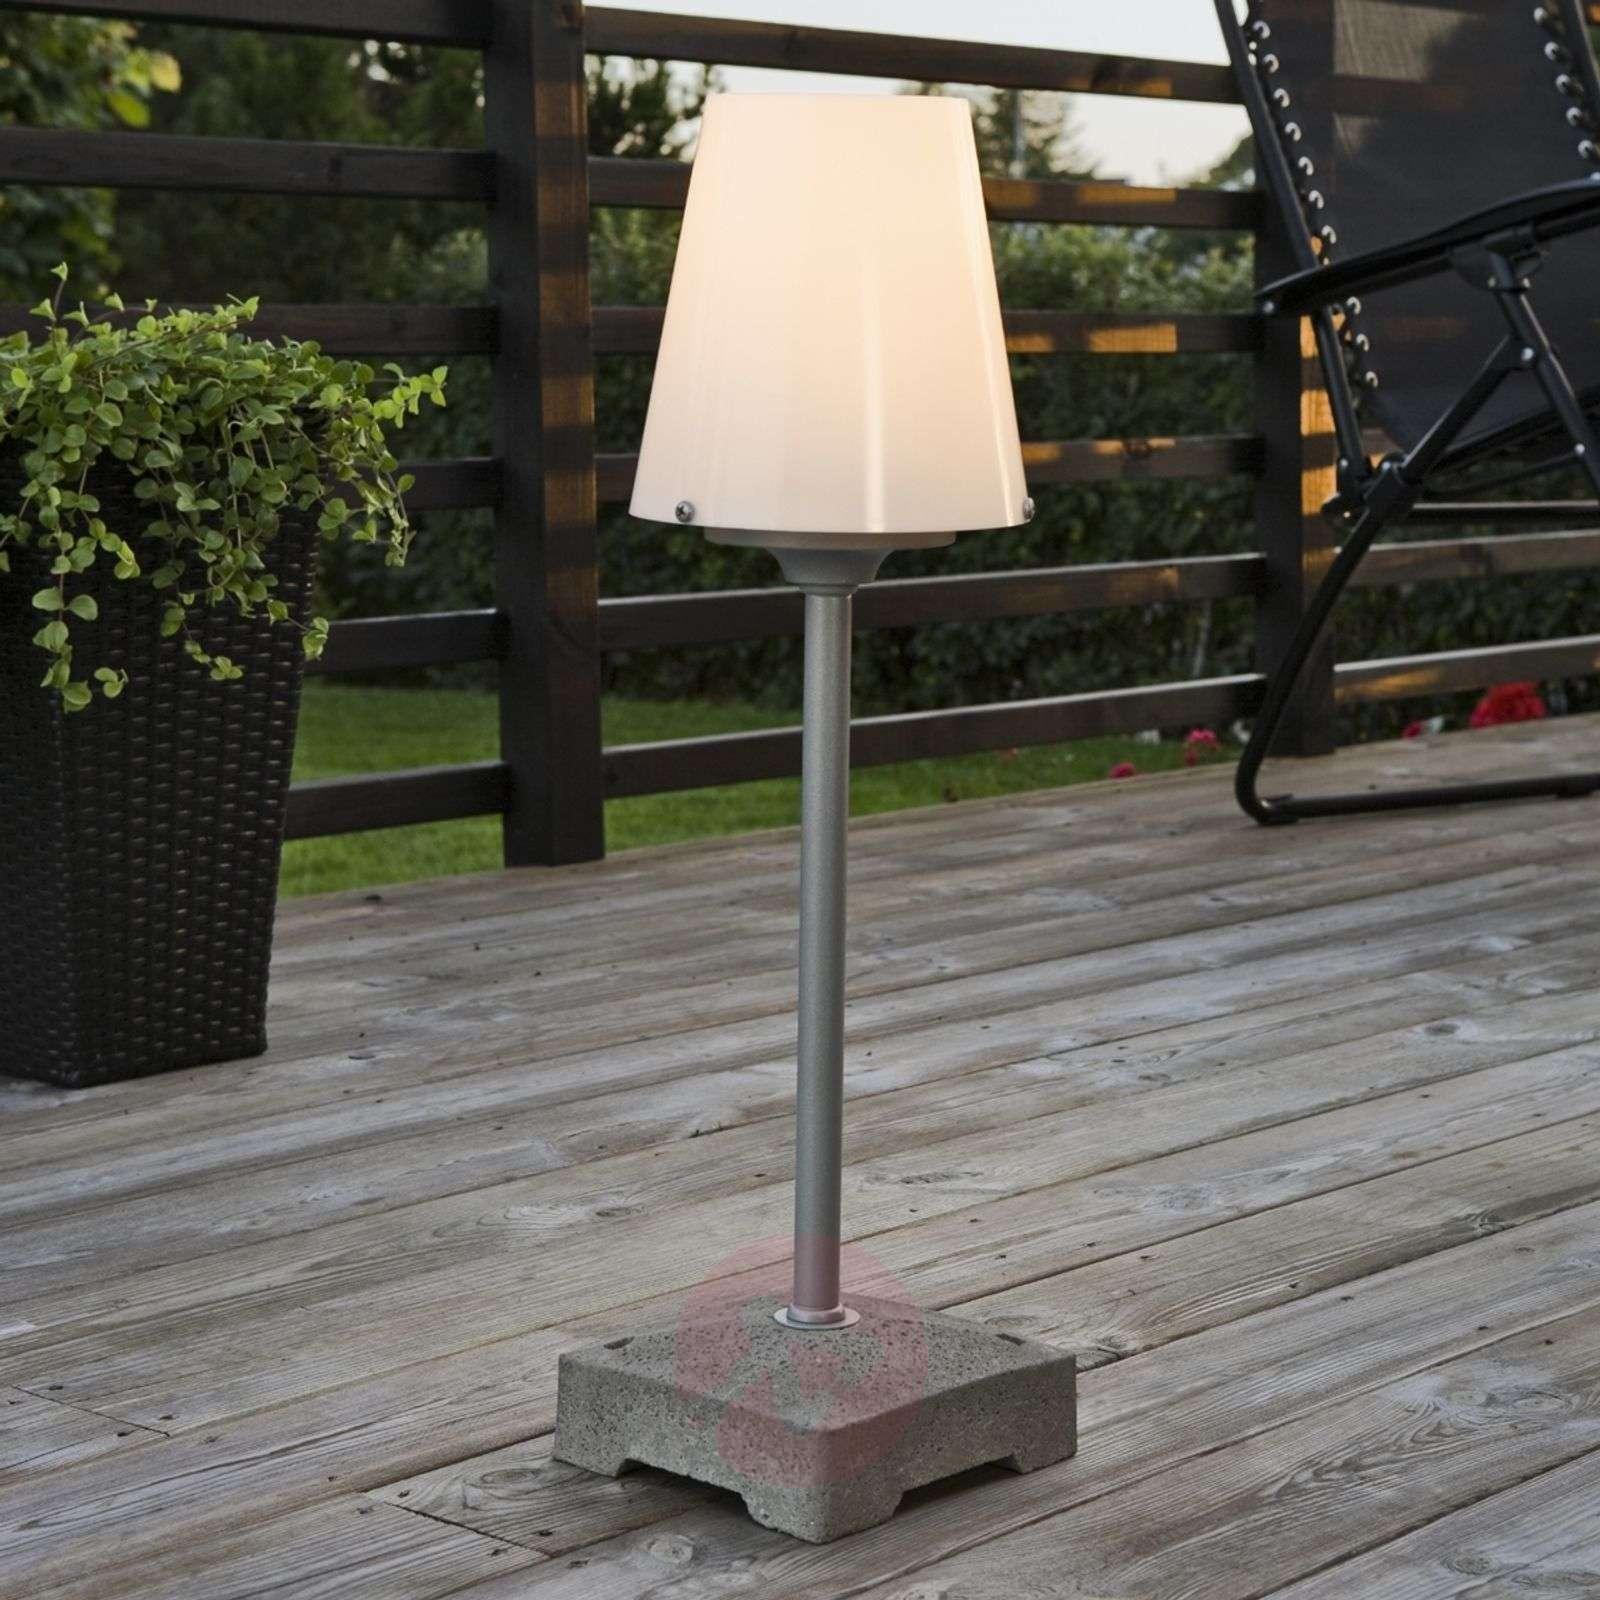 Tyylikäs lattiavalaisin New Lucca ulos, 59cm-5522321-01